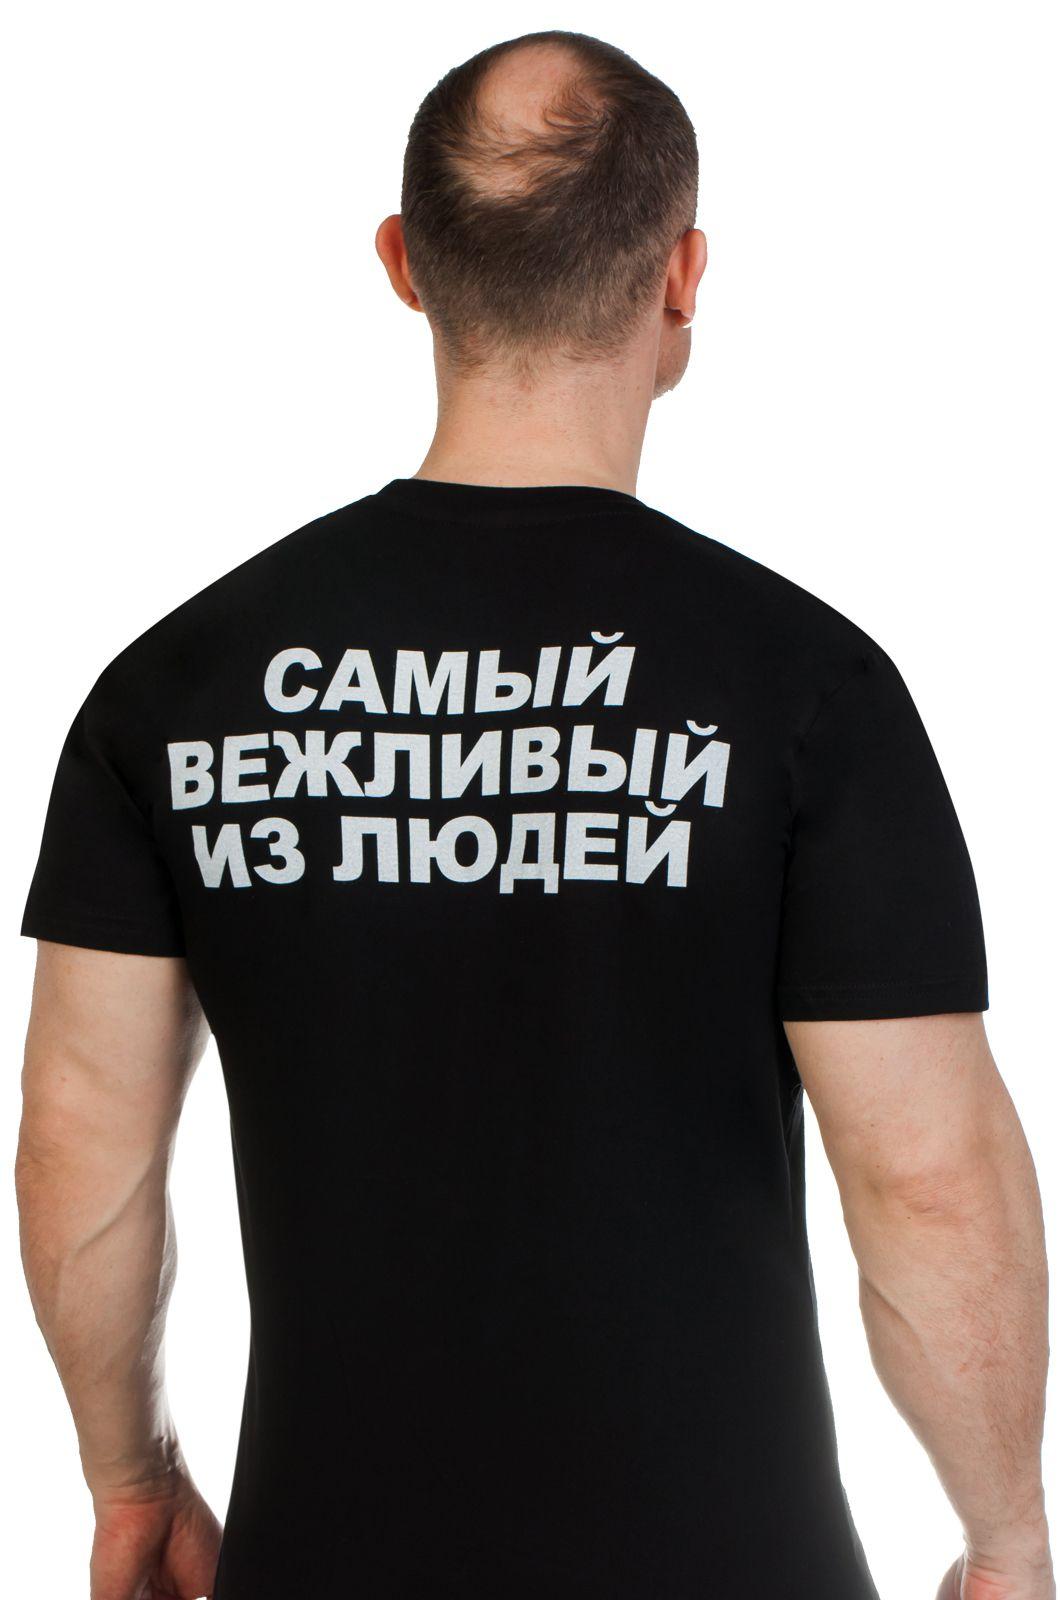 """Футболка """"Путин - самый вежливый человек"""" по лучшей цене"""